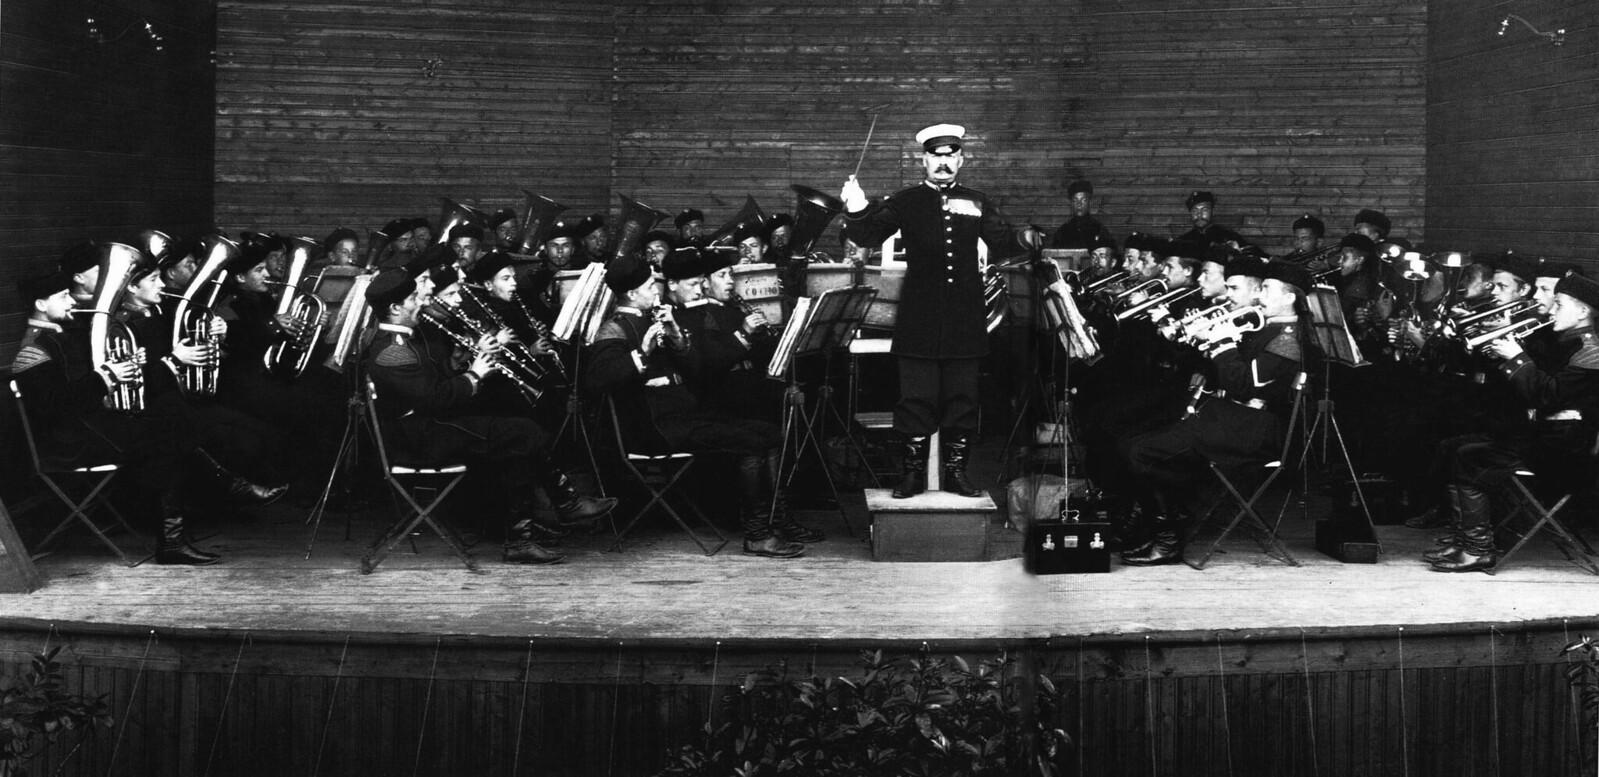 1913. Выступление оркестра 4-го стрелкового императорской фамилии батальона на эстраде Нижнего парка в Петергофе.